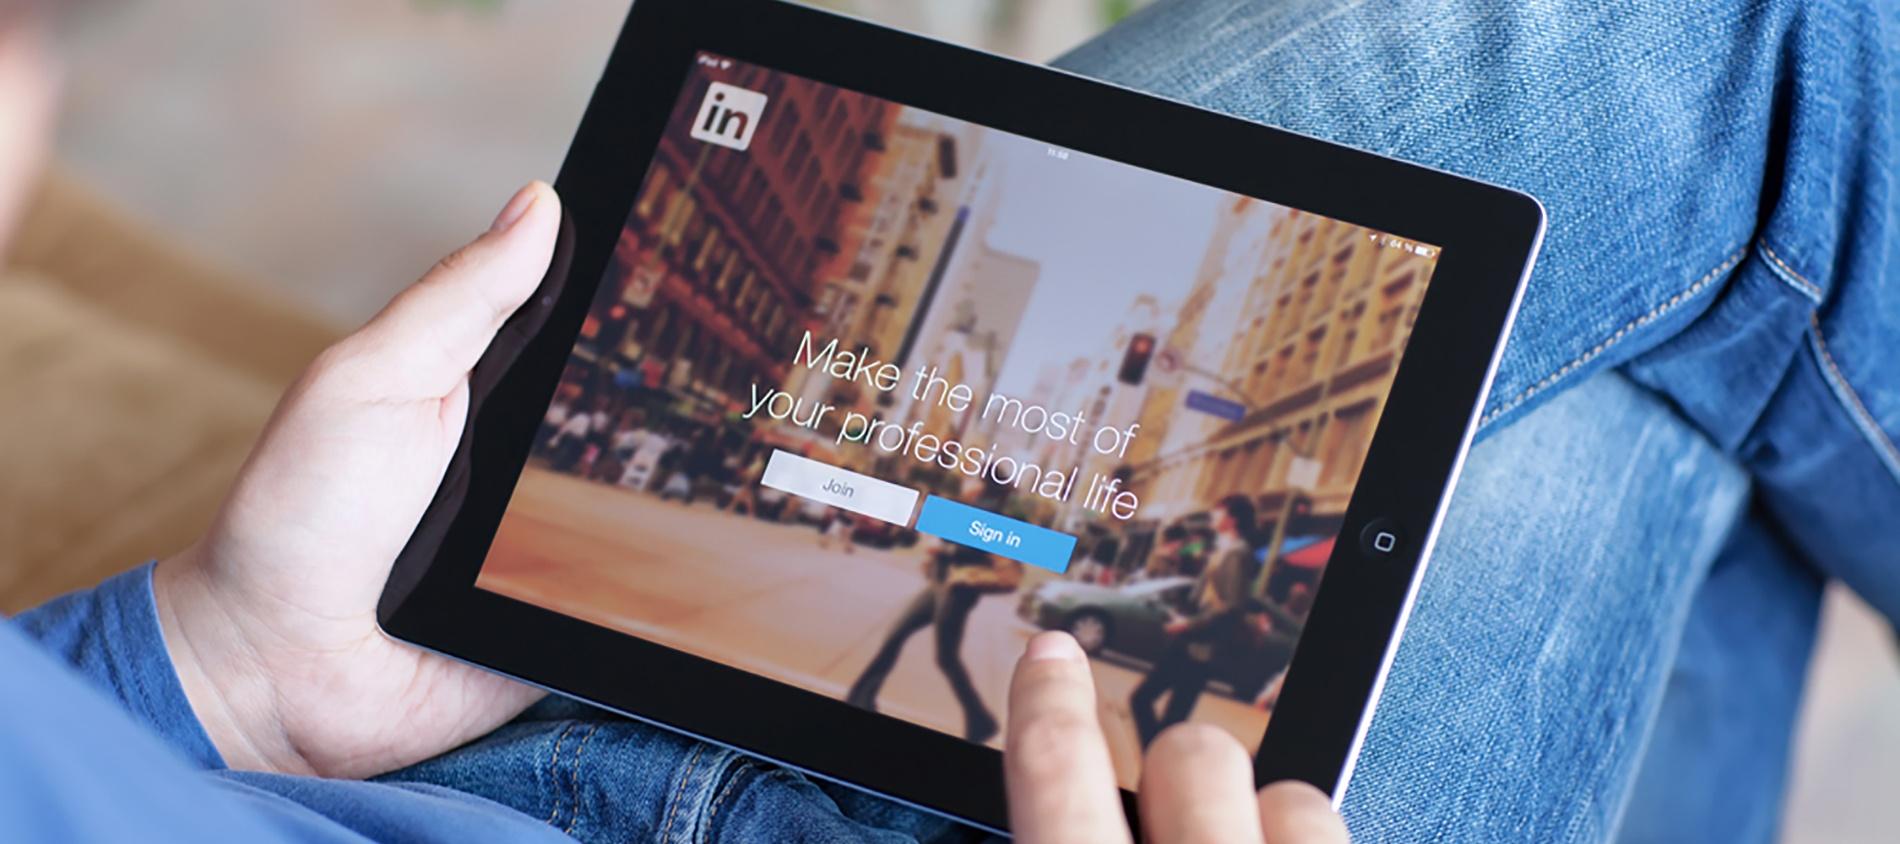 Linkedin para empresas: la red social para hacer negocios